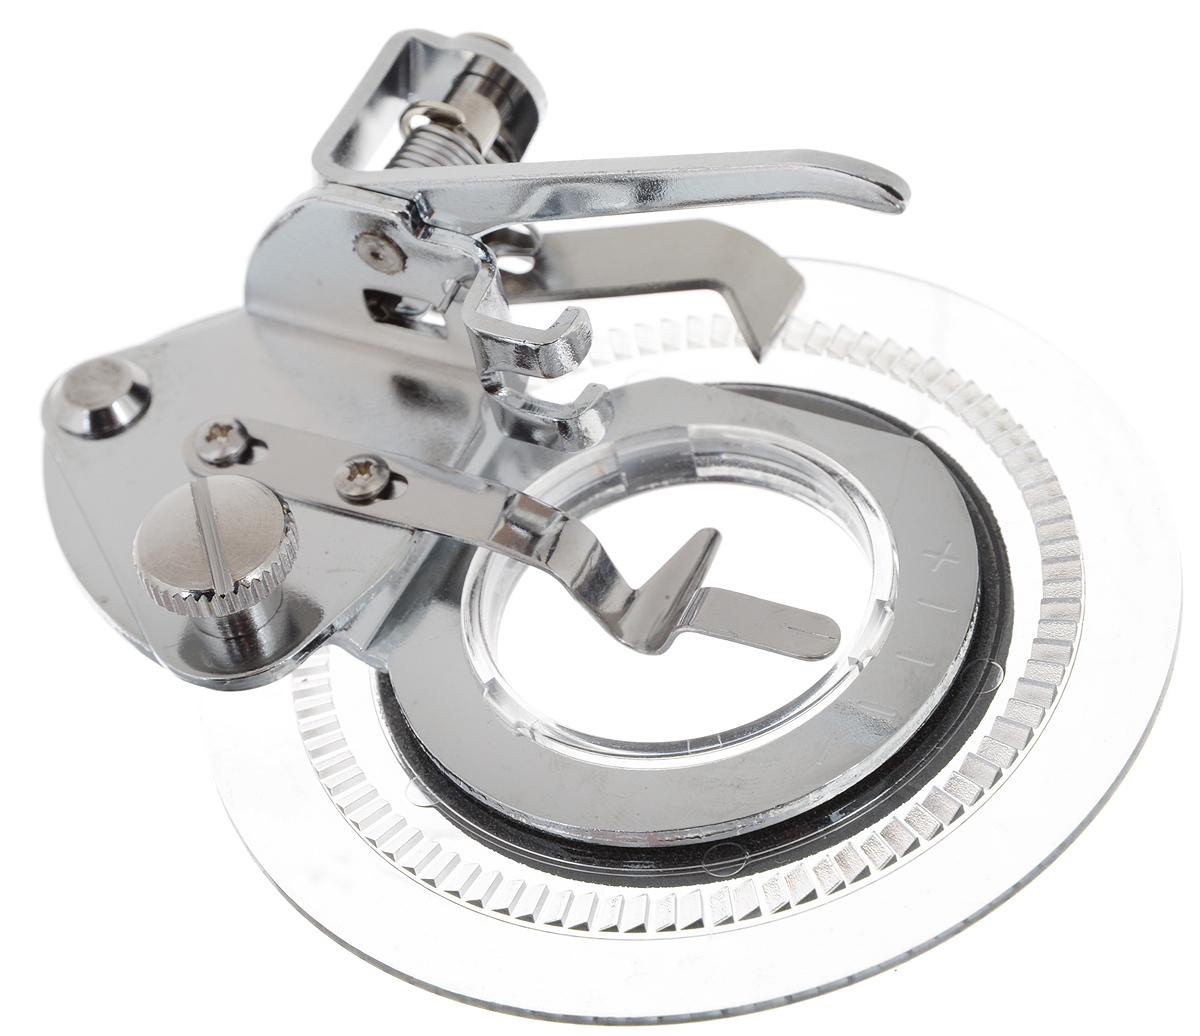 Лапка для швейной машины Aurora, для шитья узоров каталог узоров 1 для перфокарточных машин 5 класса